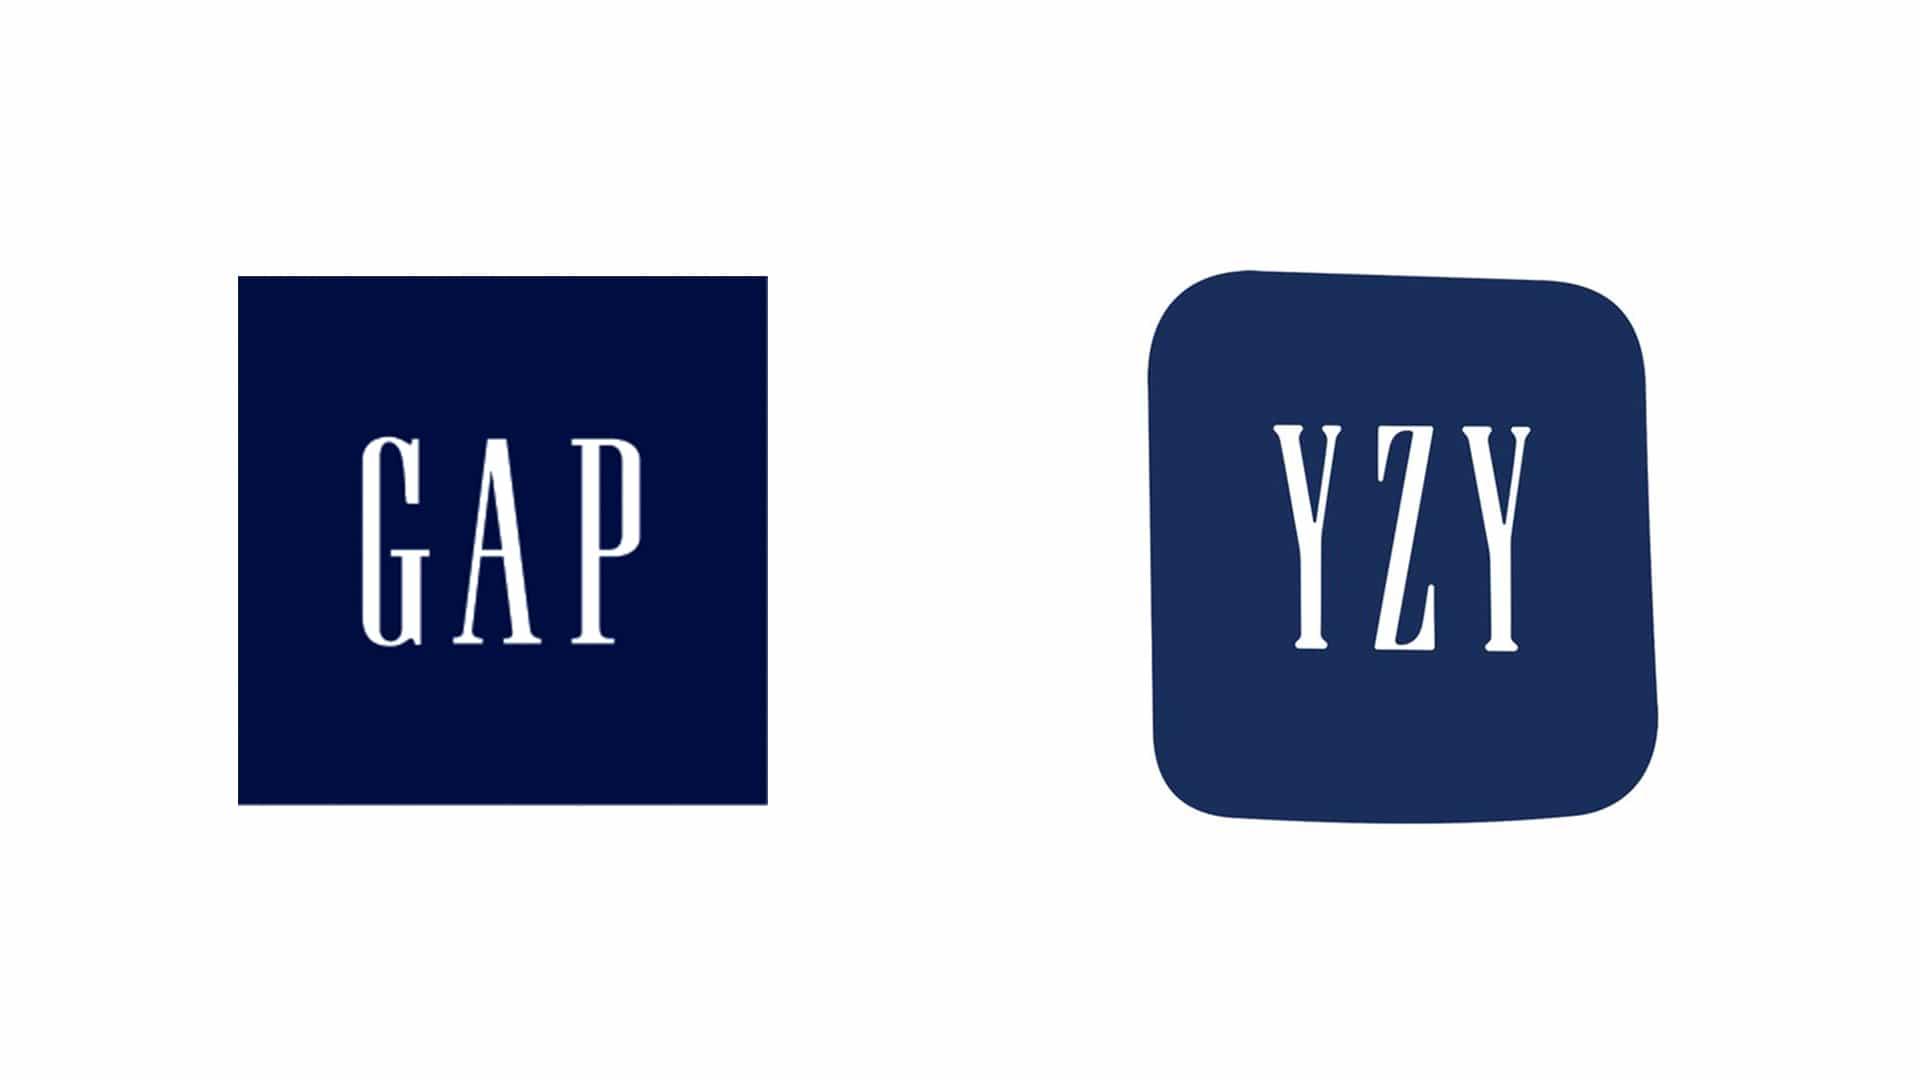 El logotipo de Yeezy x Gap de Kanye West finalmente está aquí (y tenemos preguntas)